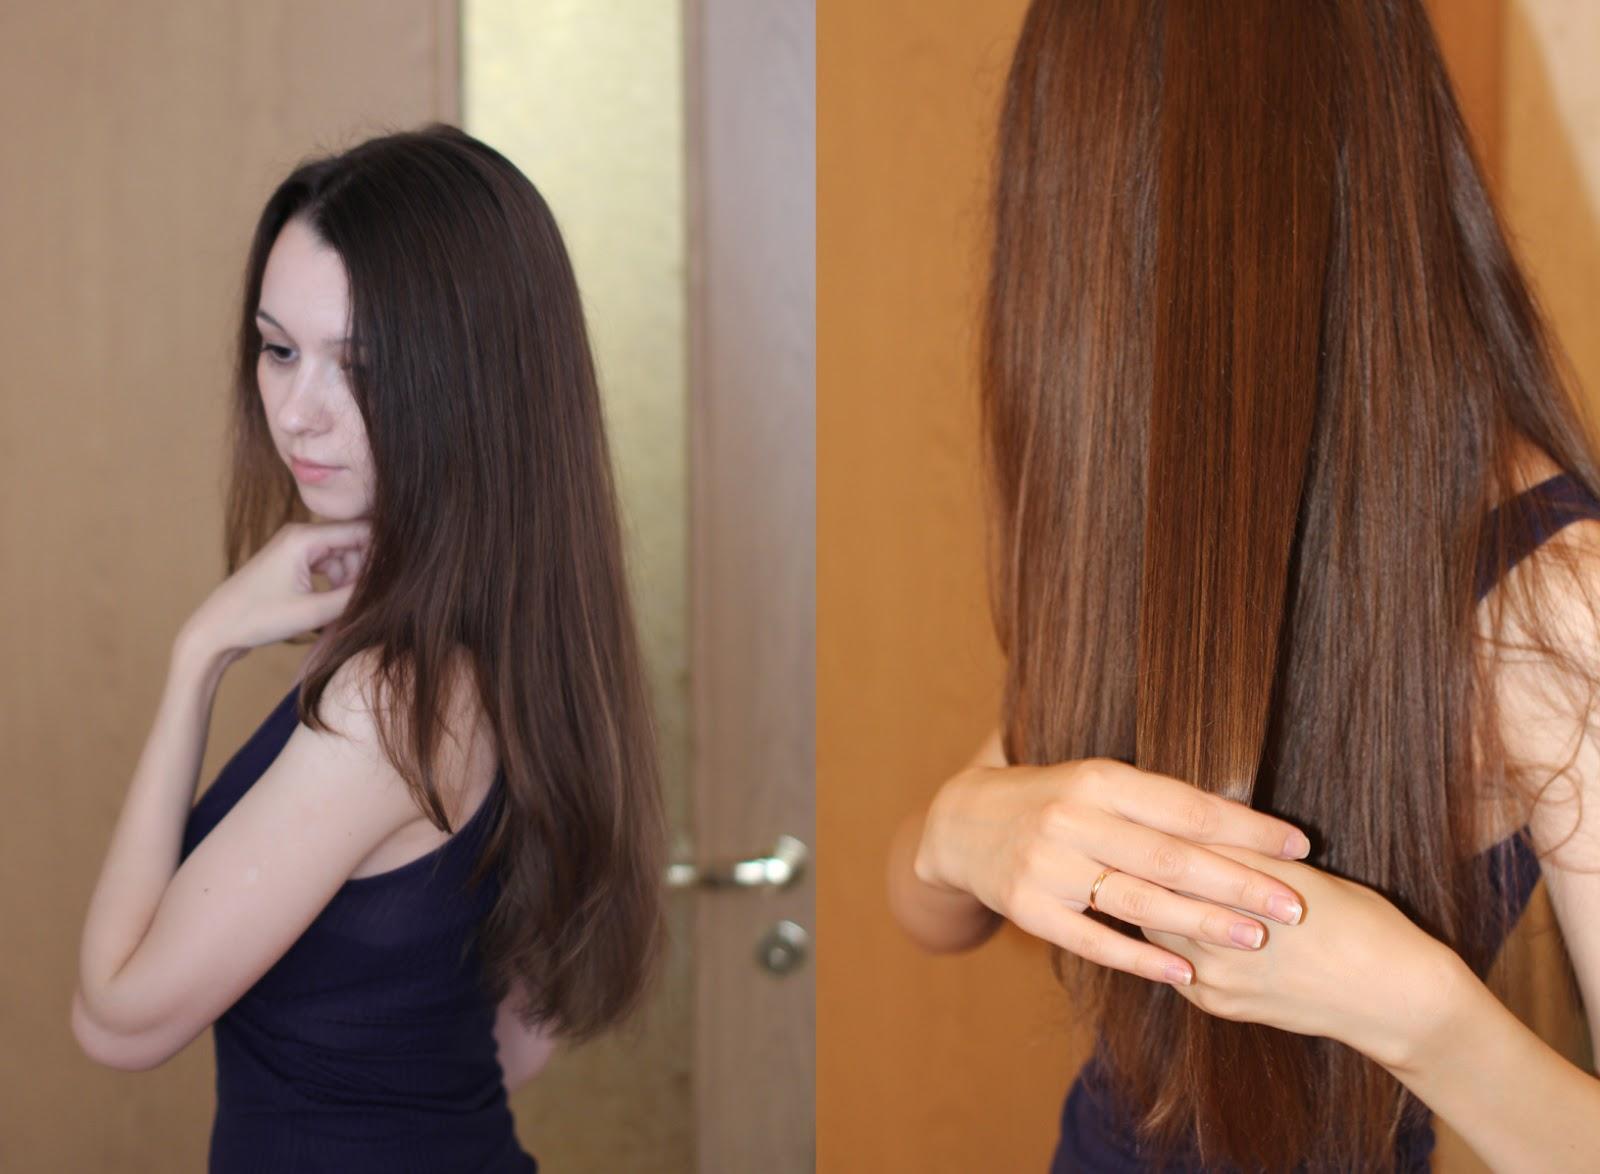 Рецепты от выпадения волос на репейном масле